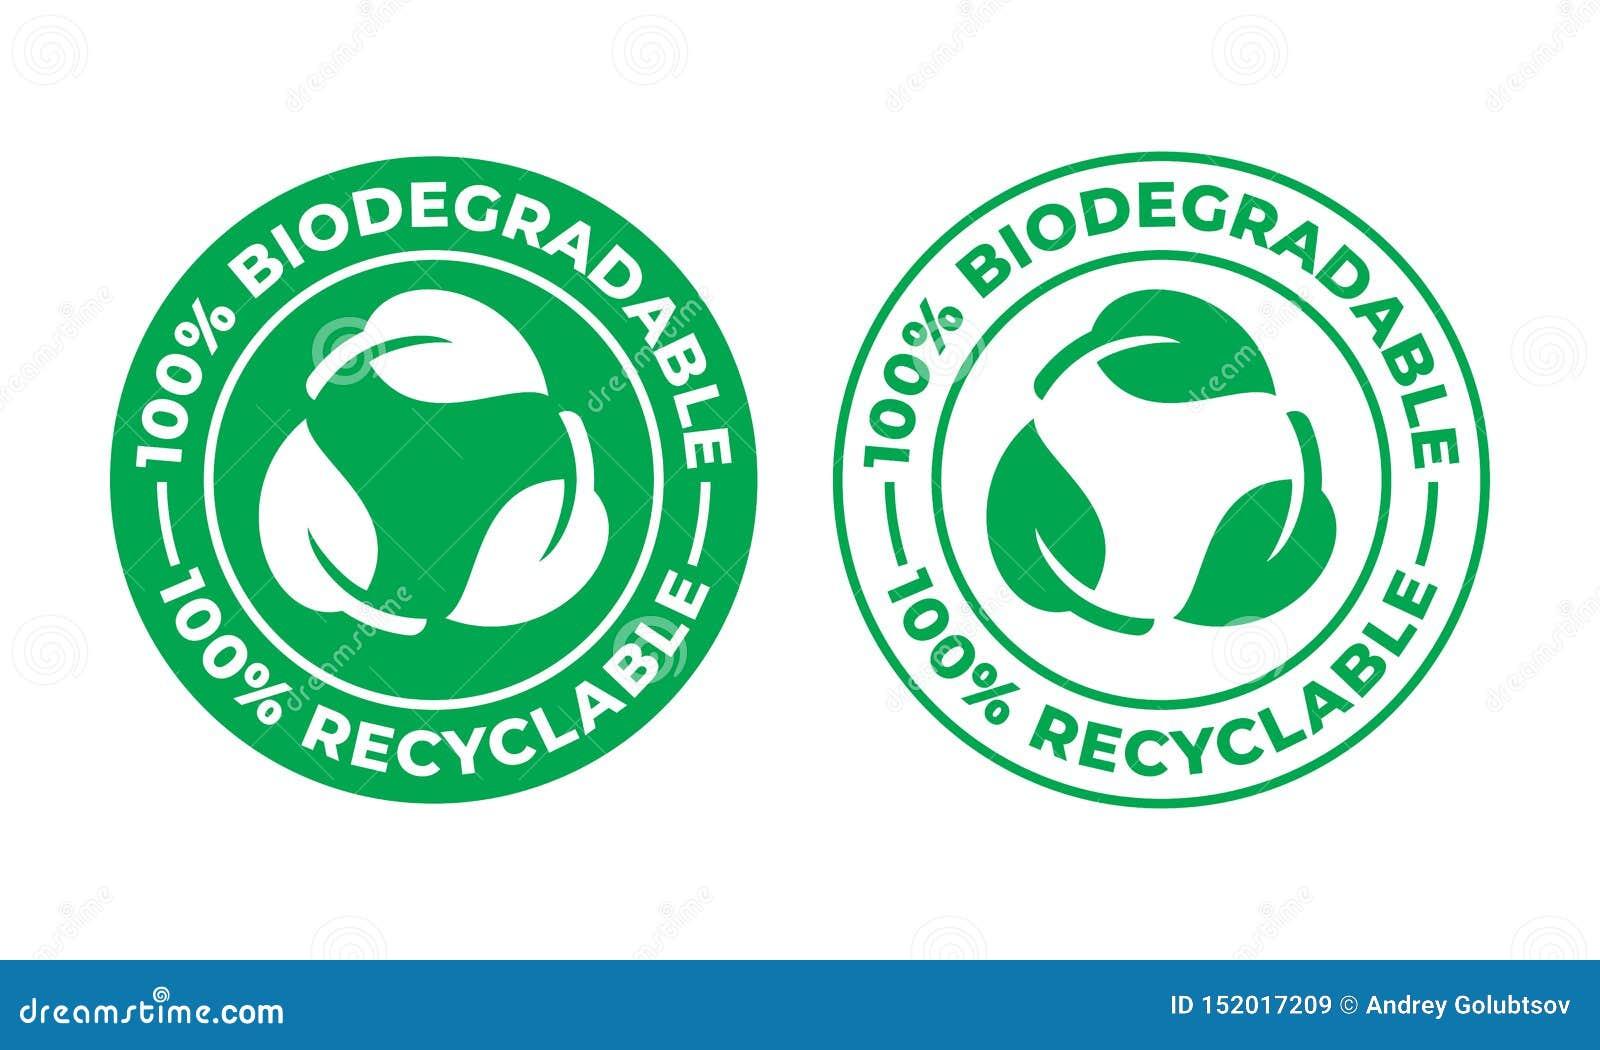 Icône recyclable biodégradable de vecteur logo recyclable de 100 pour cent bio et dégradable de paquet